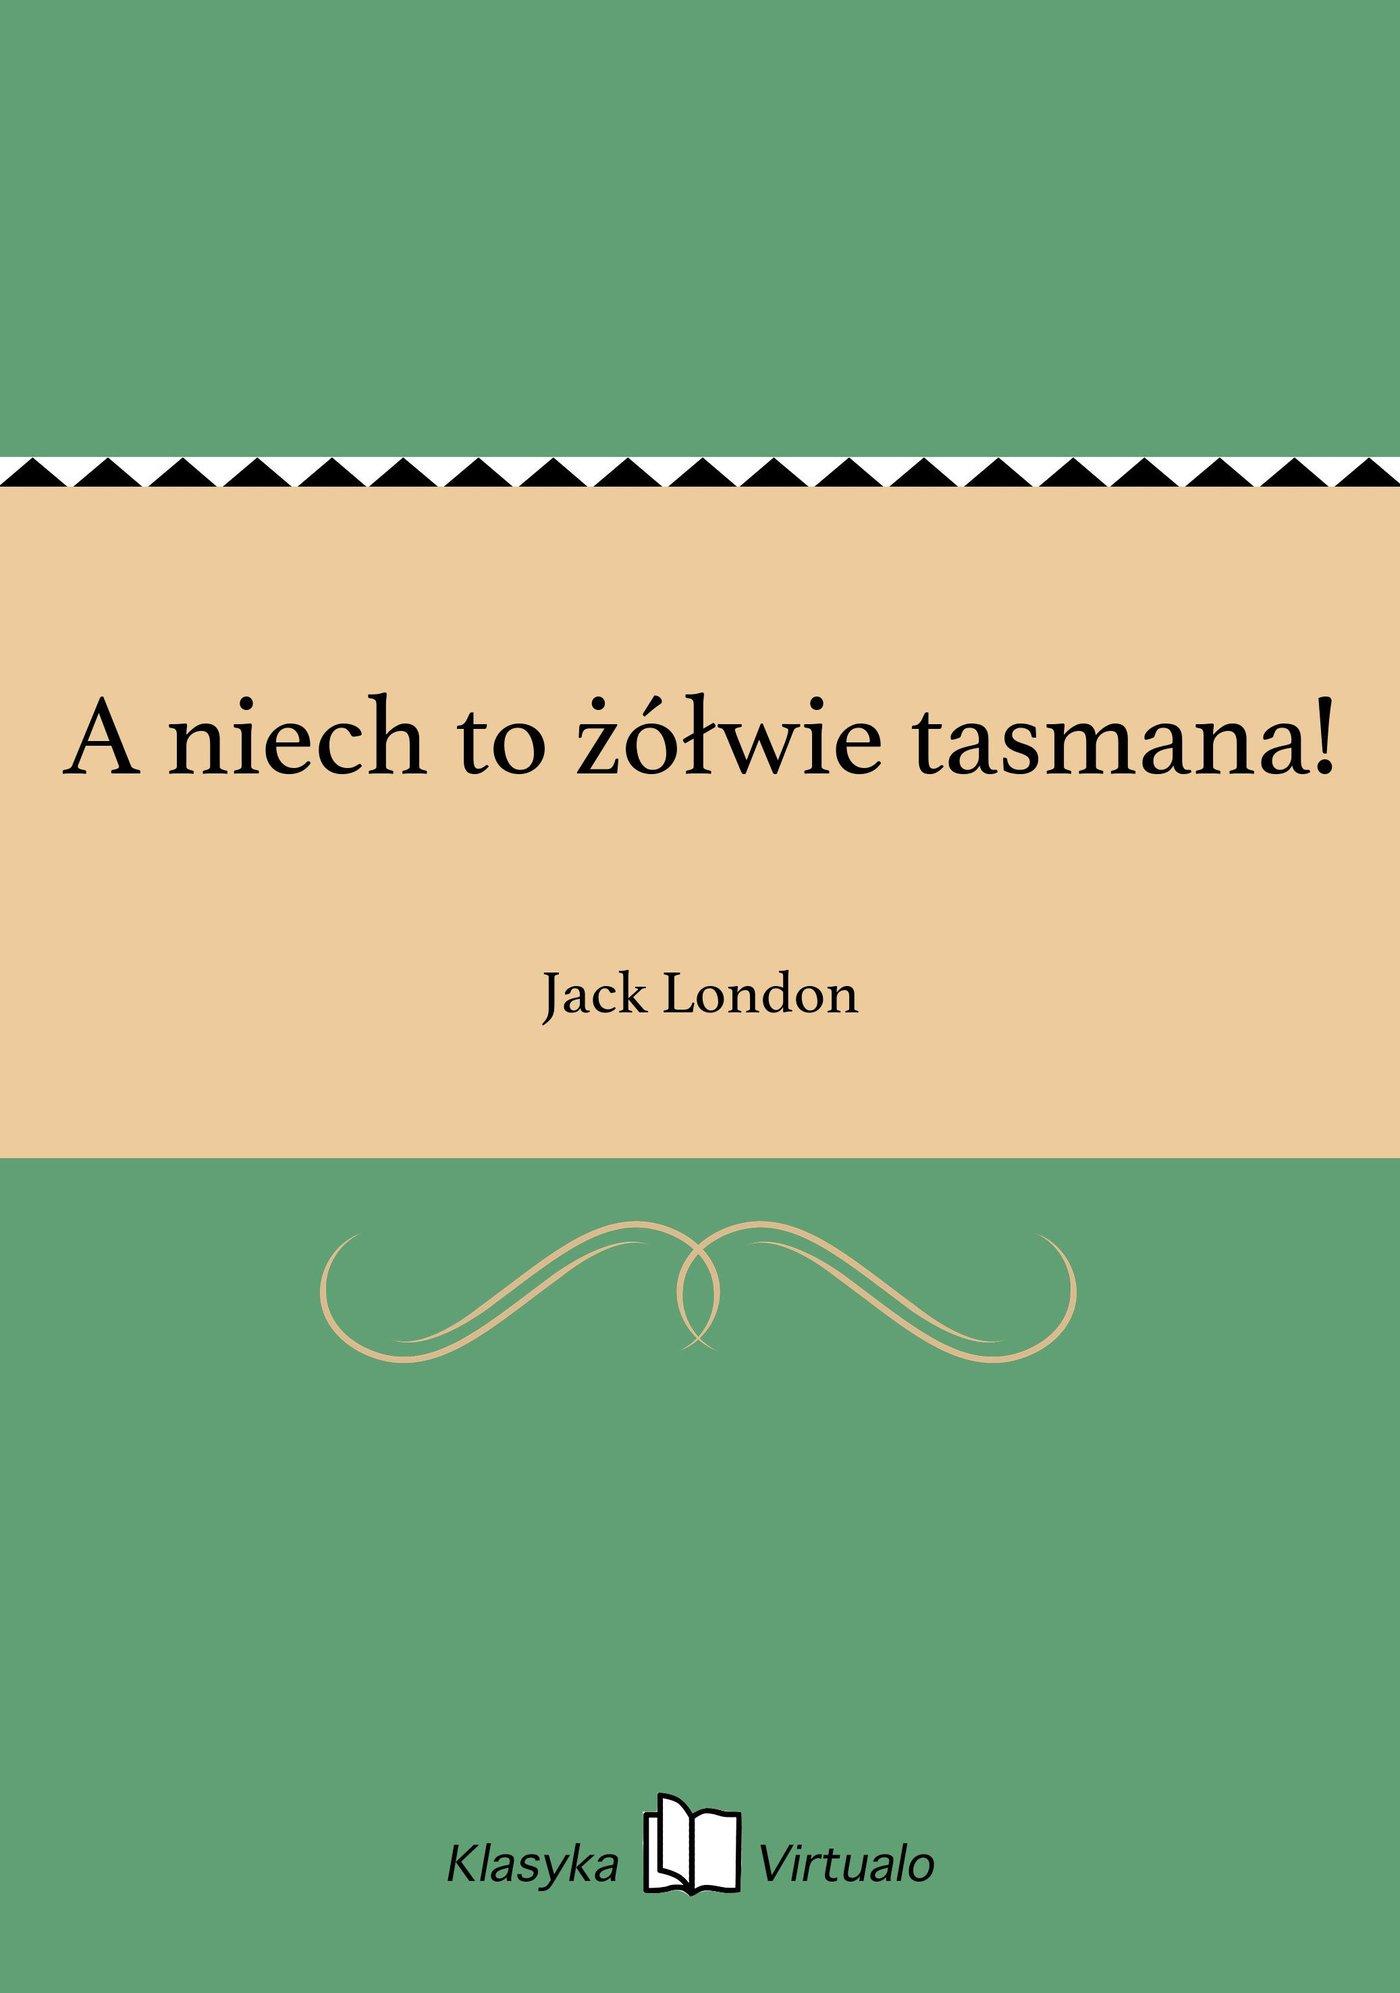 A niech to żółwie tasmana! - Ebook (Książka na Kindle) do pobrania w formacie MOBI